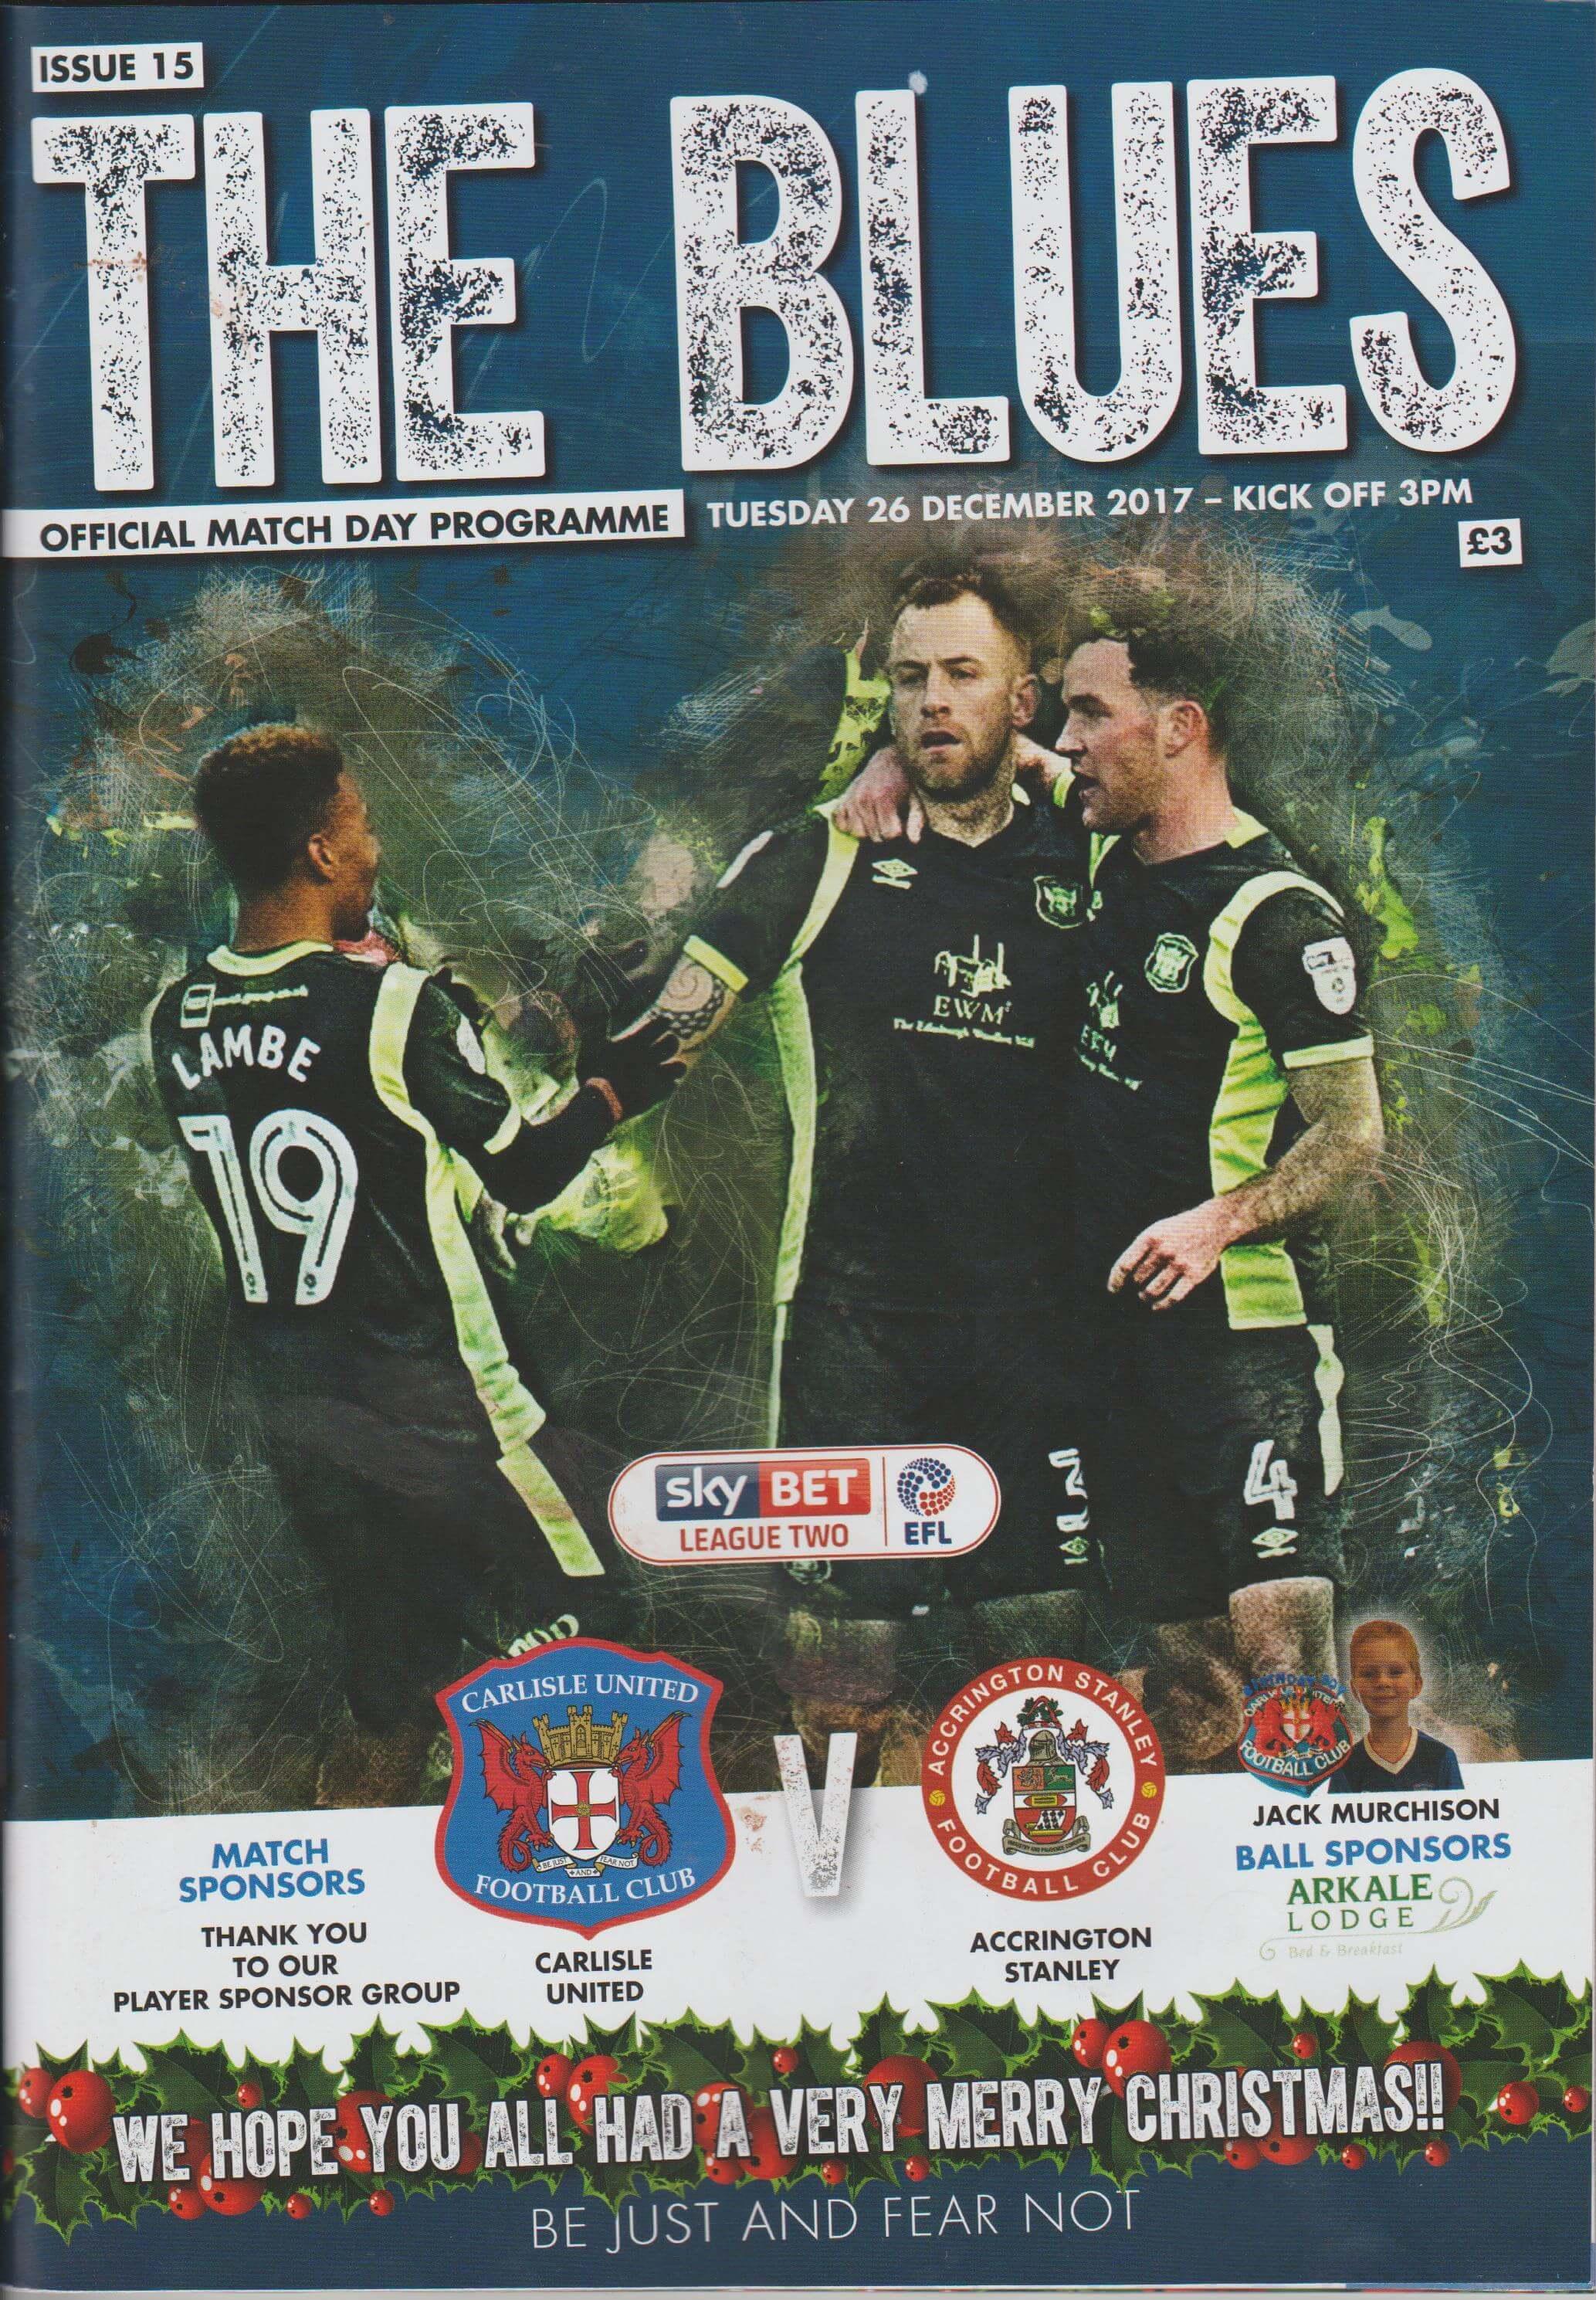 Carlisle United V Accrington Stanley